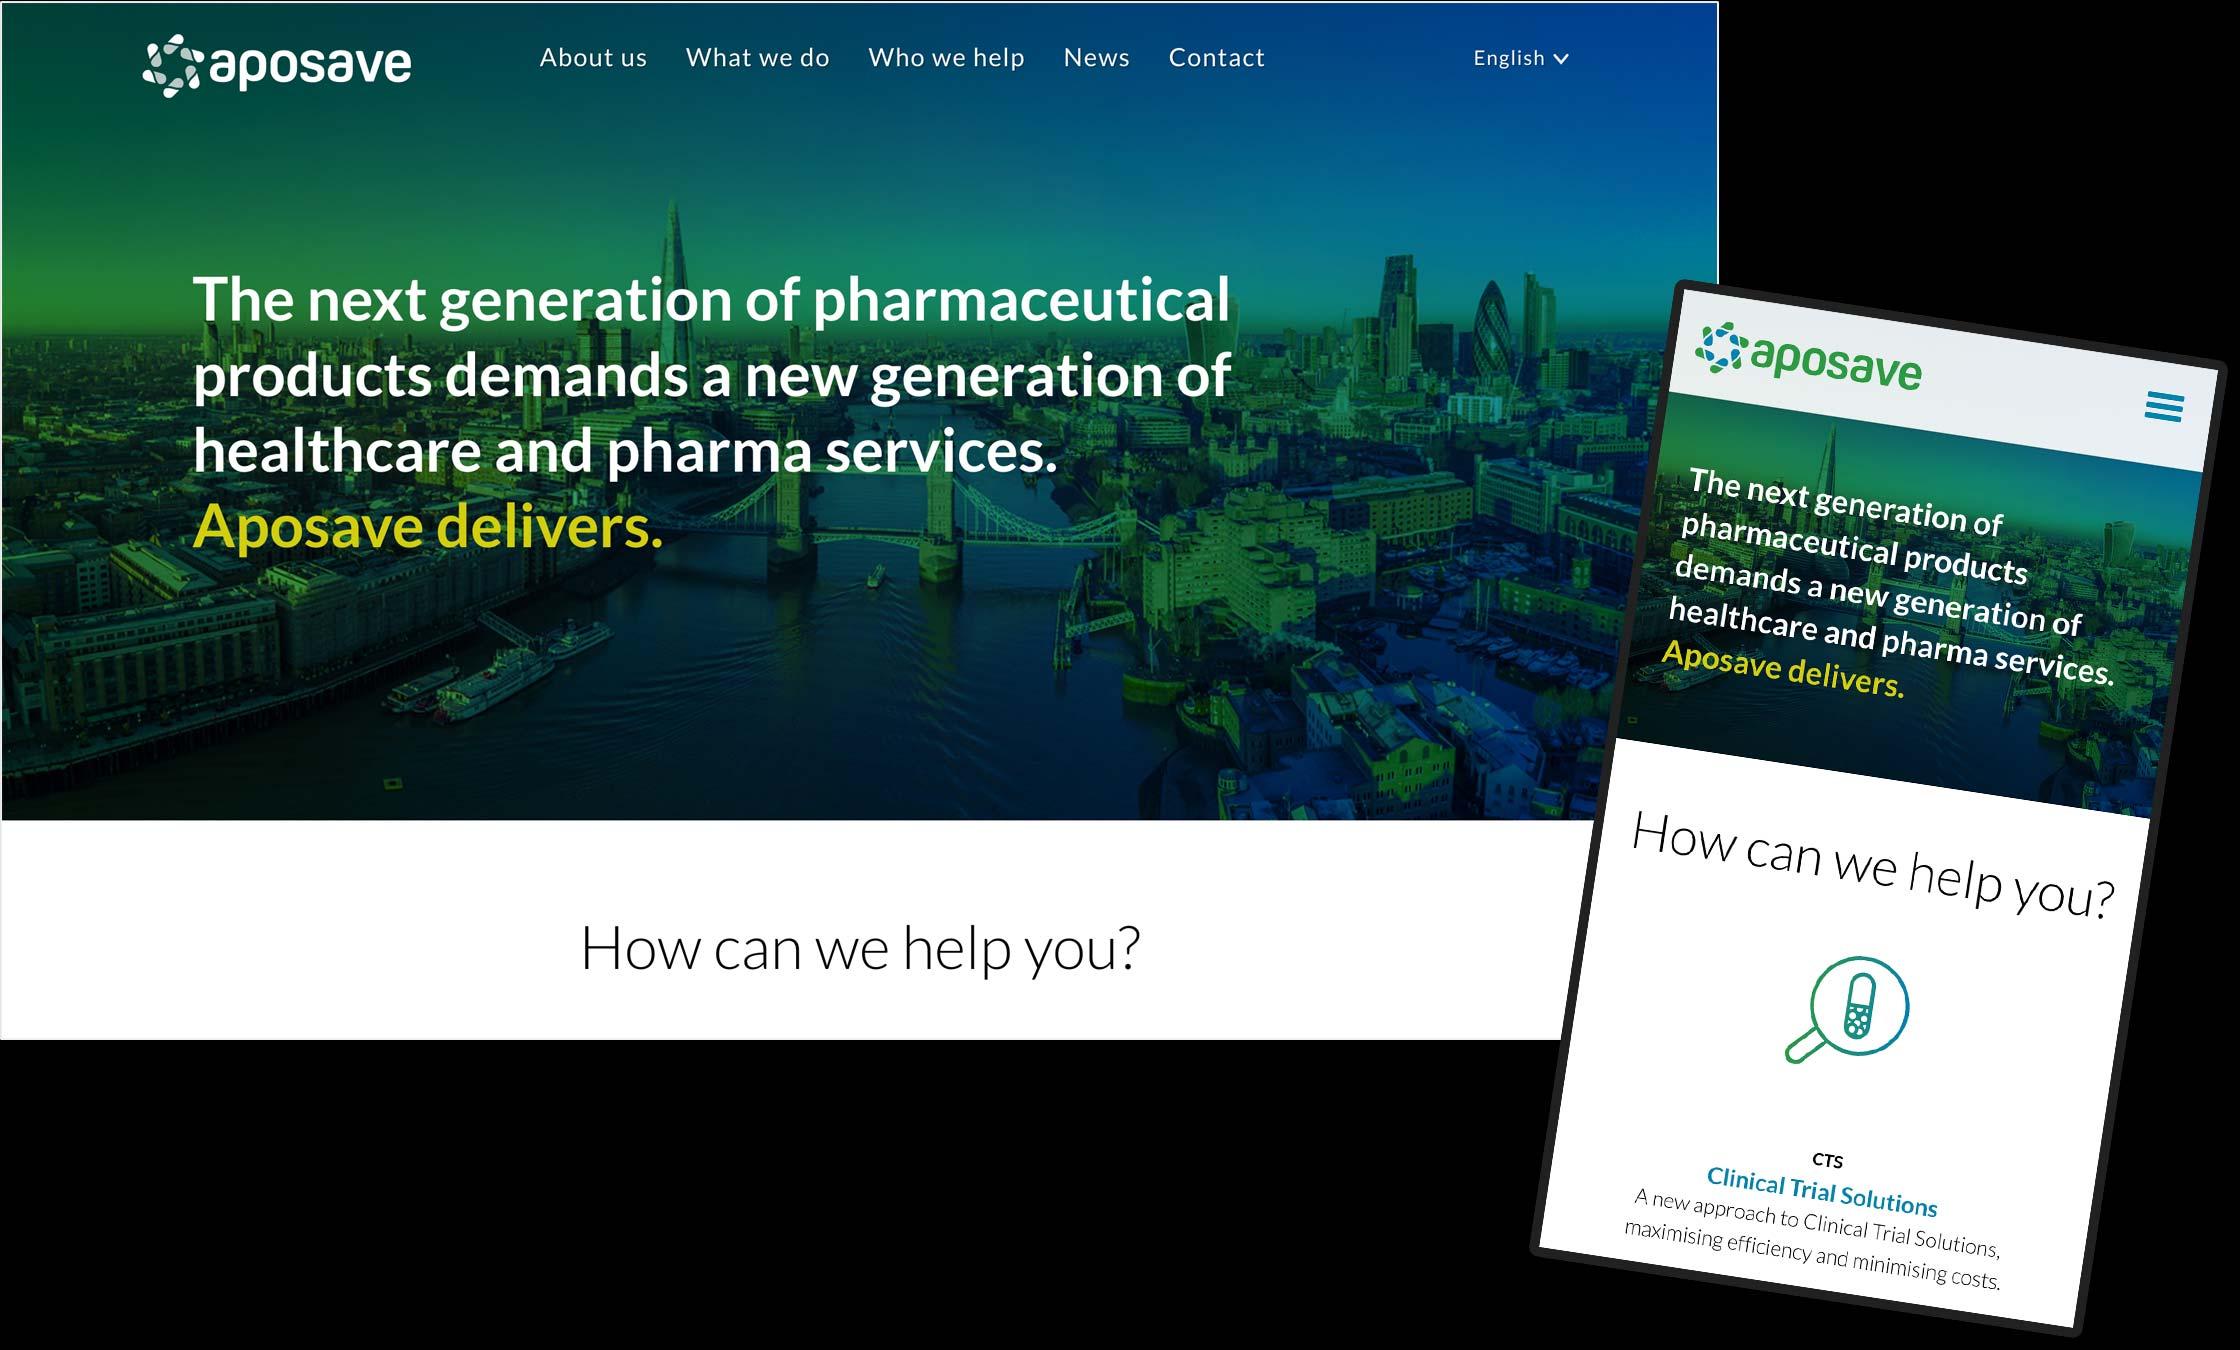 aposave-website